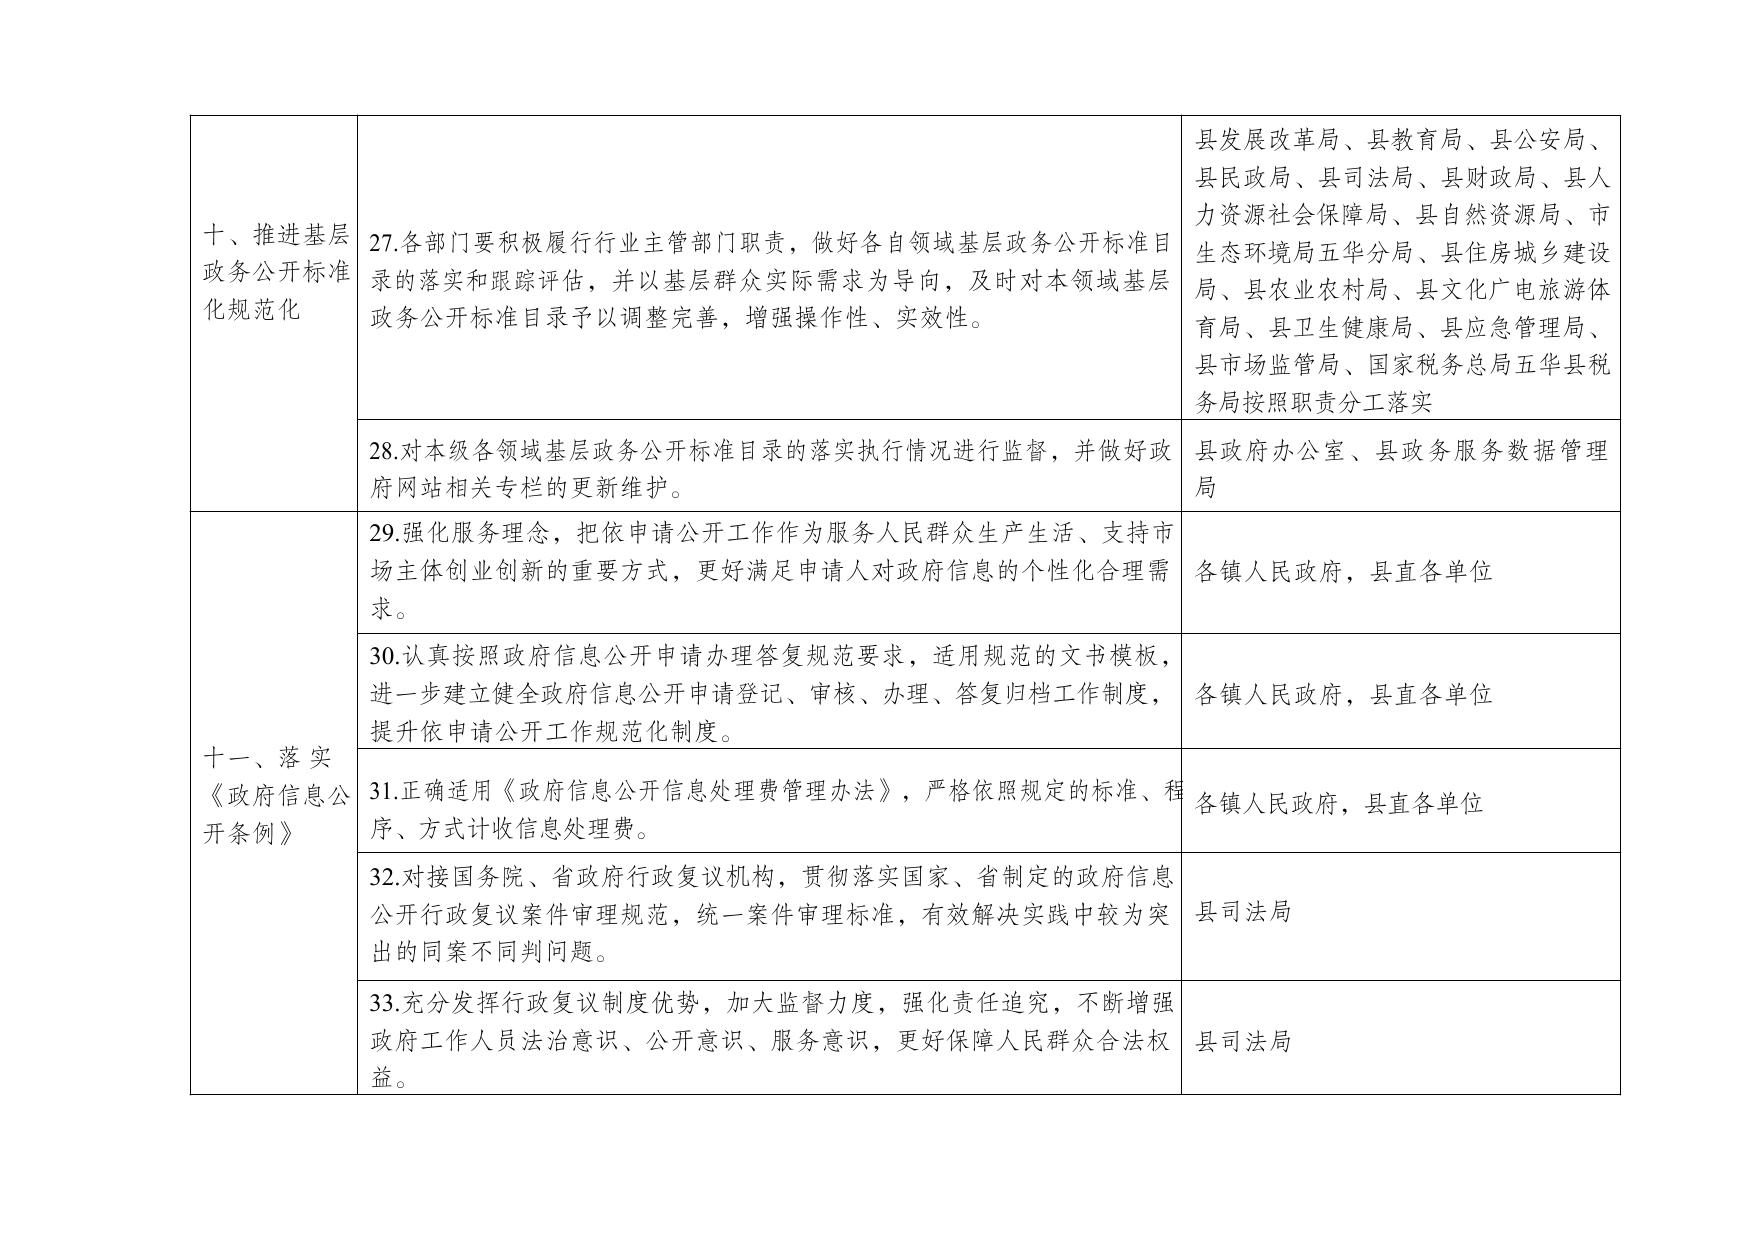 五华县人民政府办公室关于印发五华县2021年政务公开工作要点分工方案的通知0003.jpg